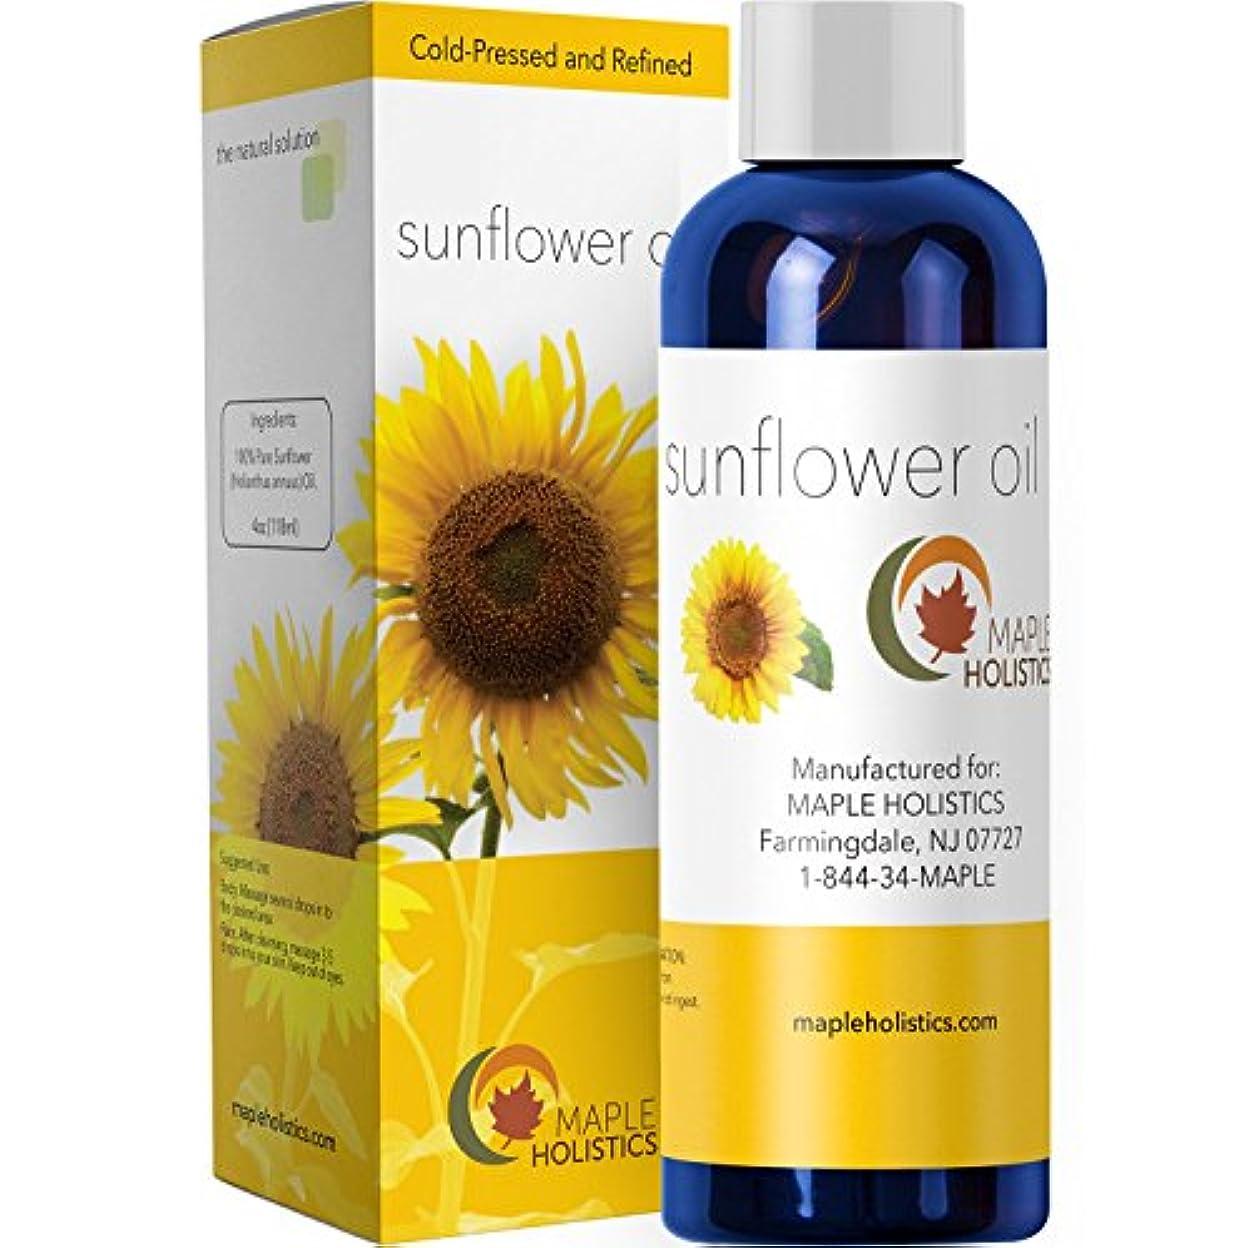 バラエティ口頭破裂Pure Sunflower Seed Oil - Cold Pressed for Greatest Efficacy - Use on Hair, Skin & Body for Advanced Hydration...